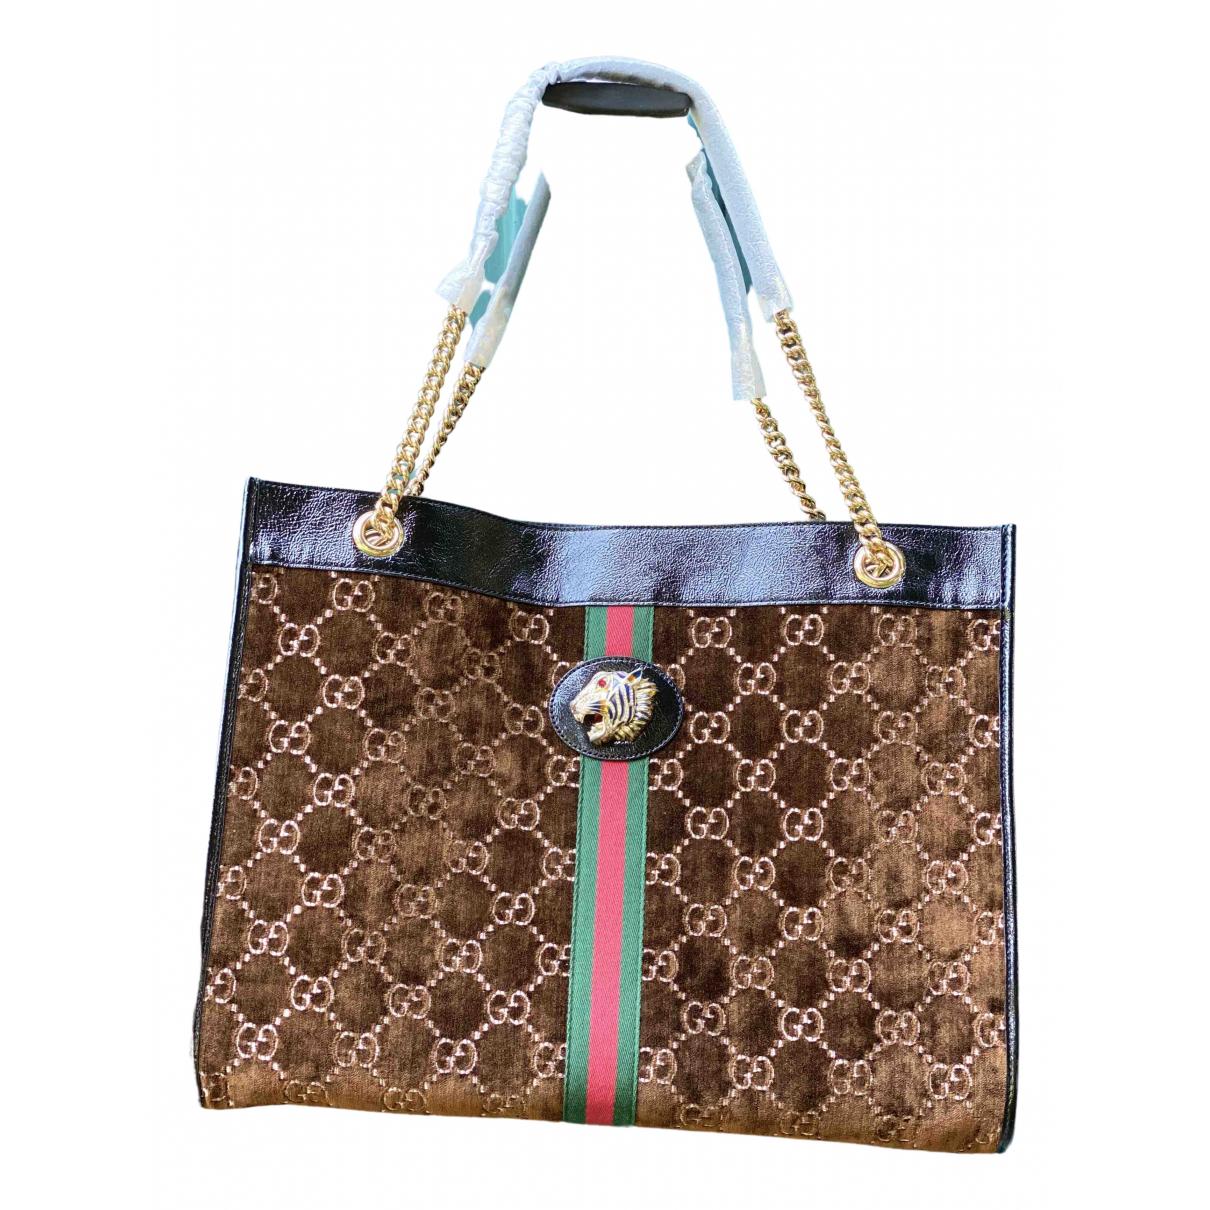 Gucci - Sac a main Rajah pour femme en velours - marron